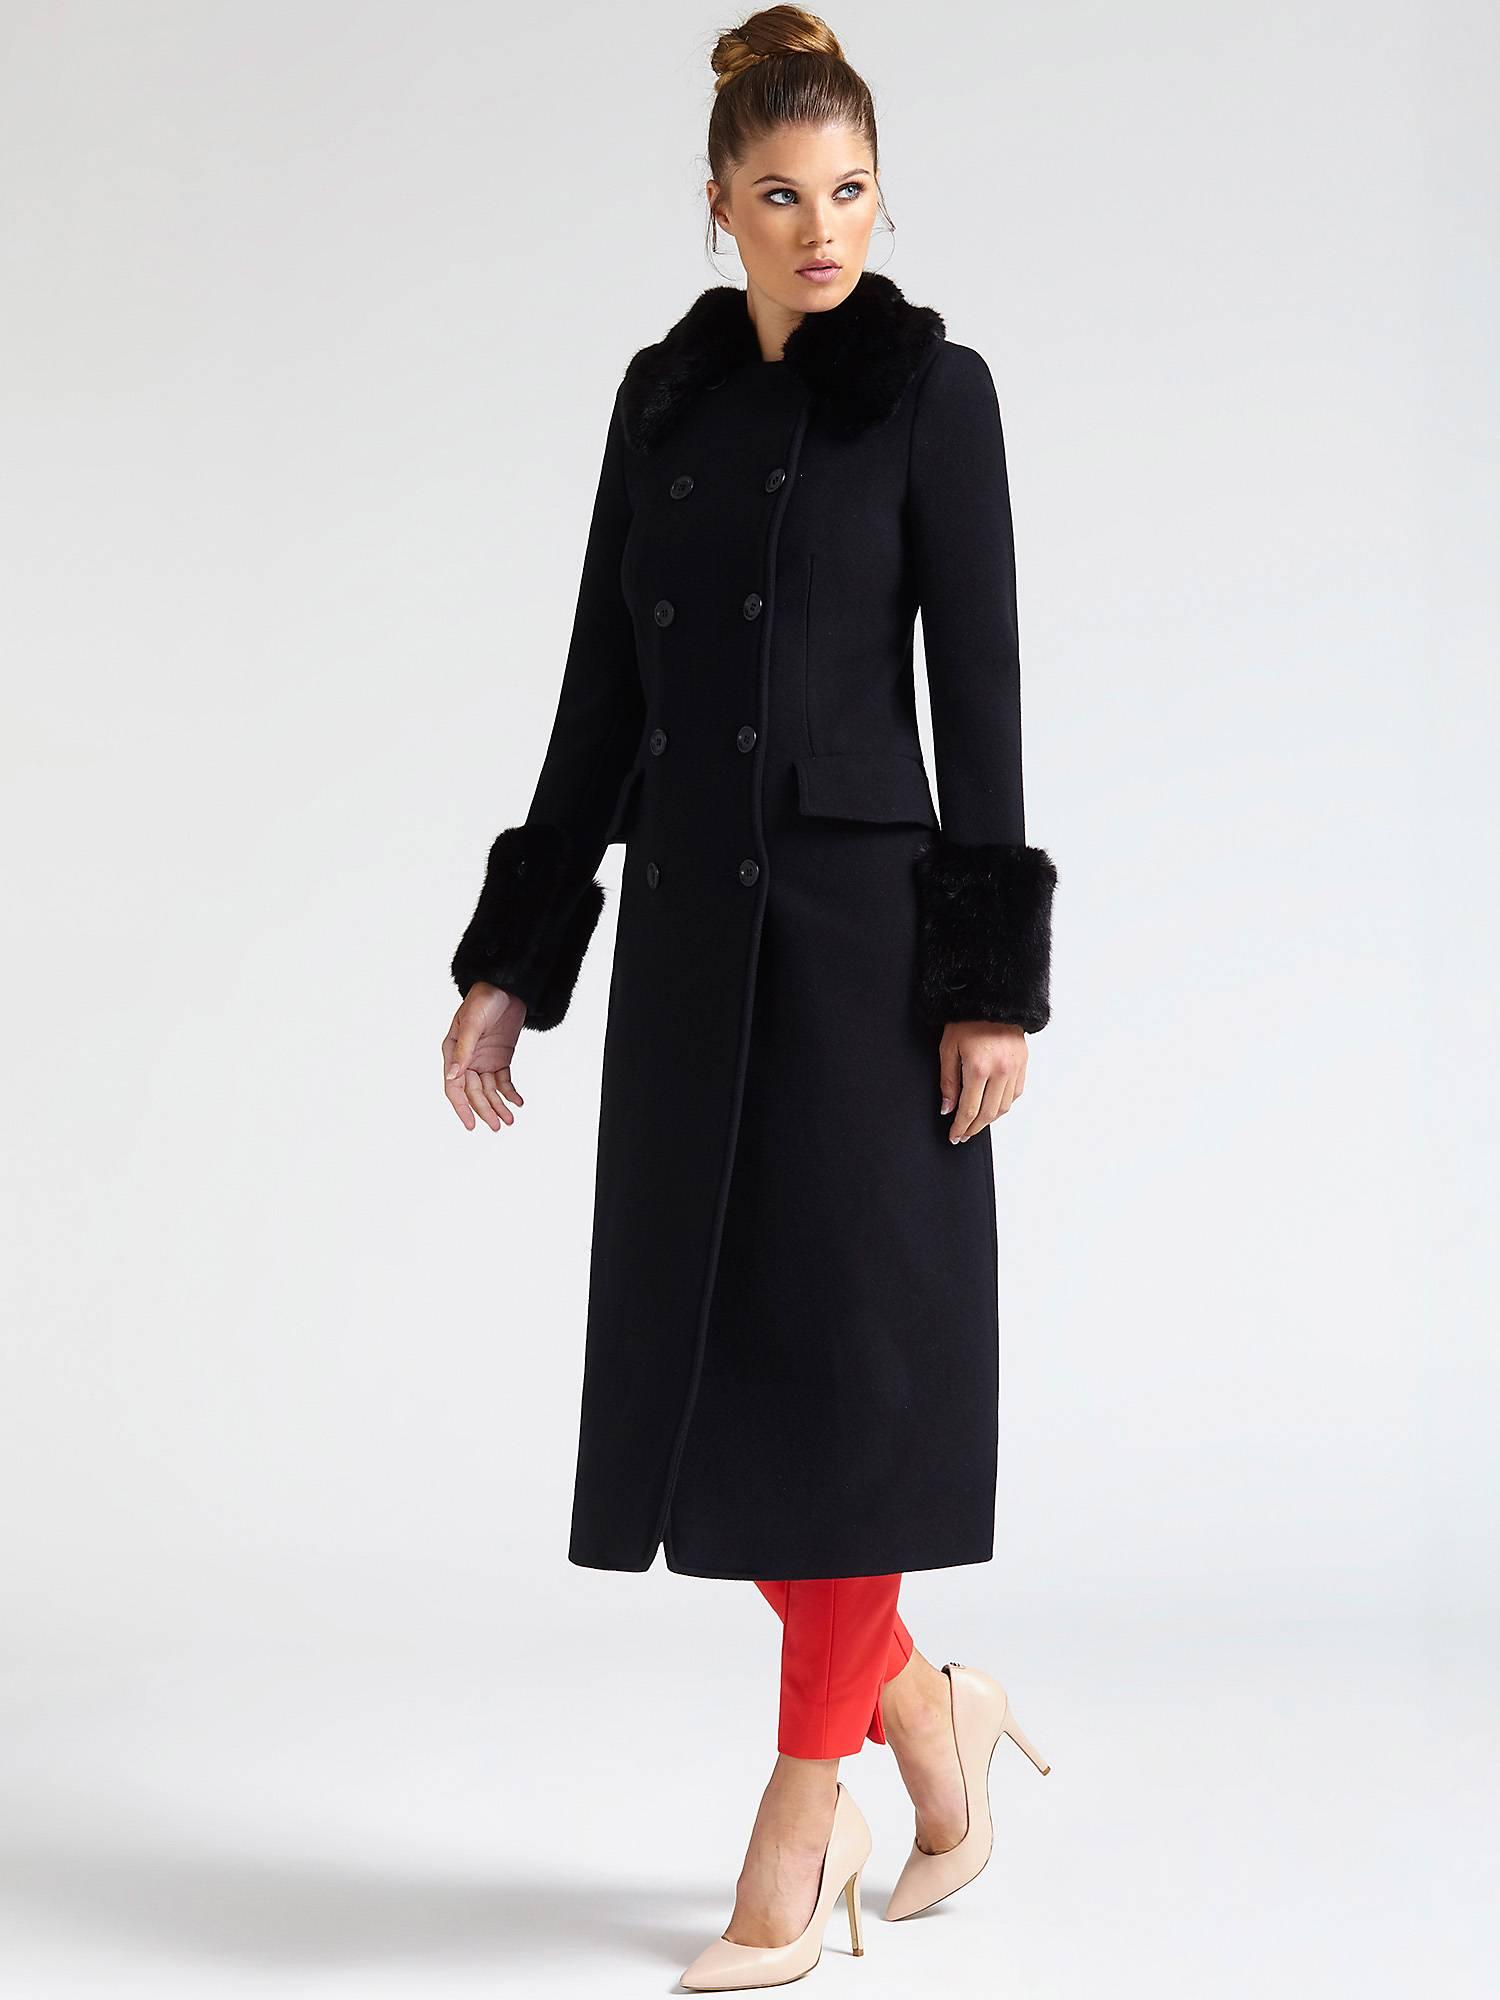 ddd25d39940 MANTEAU APPLICATIONS EN FOURRURE MARCIANO Noir Guess - Manteau Femme ...